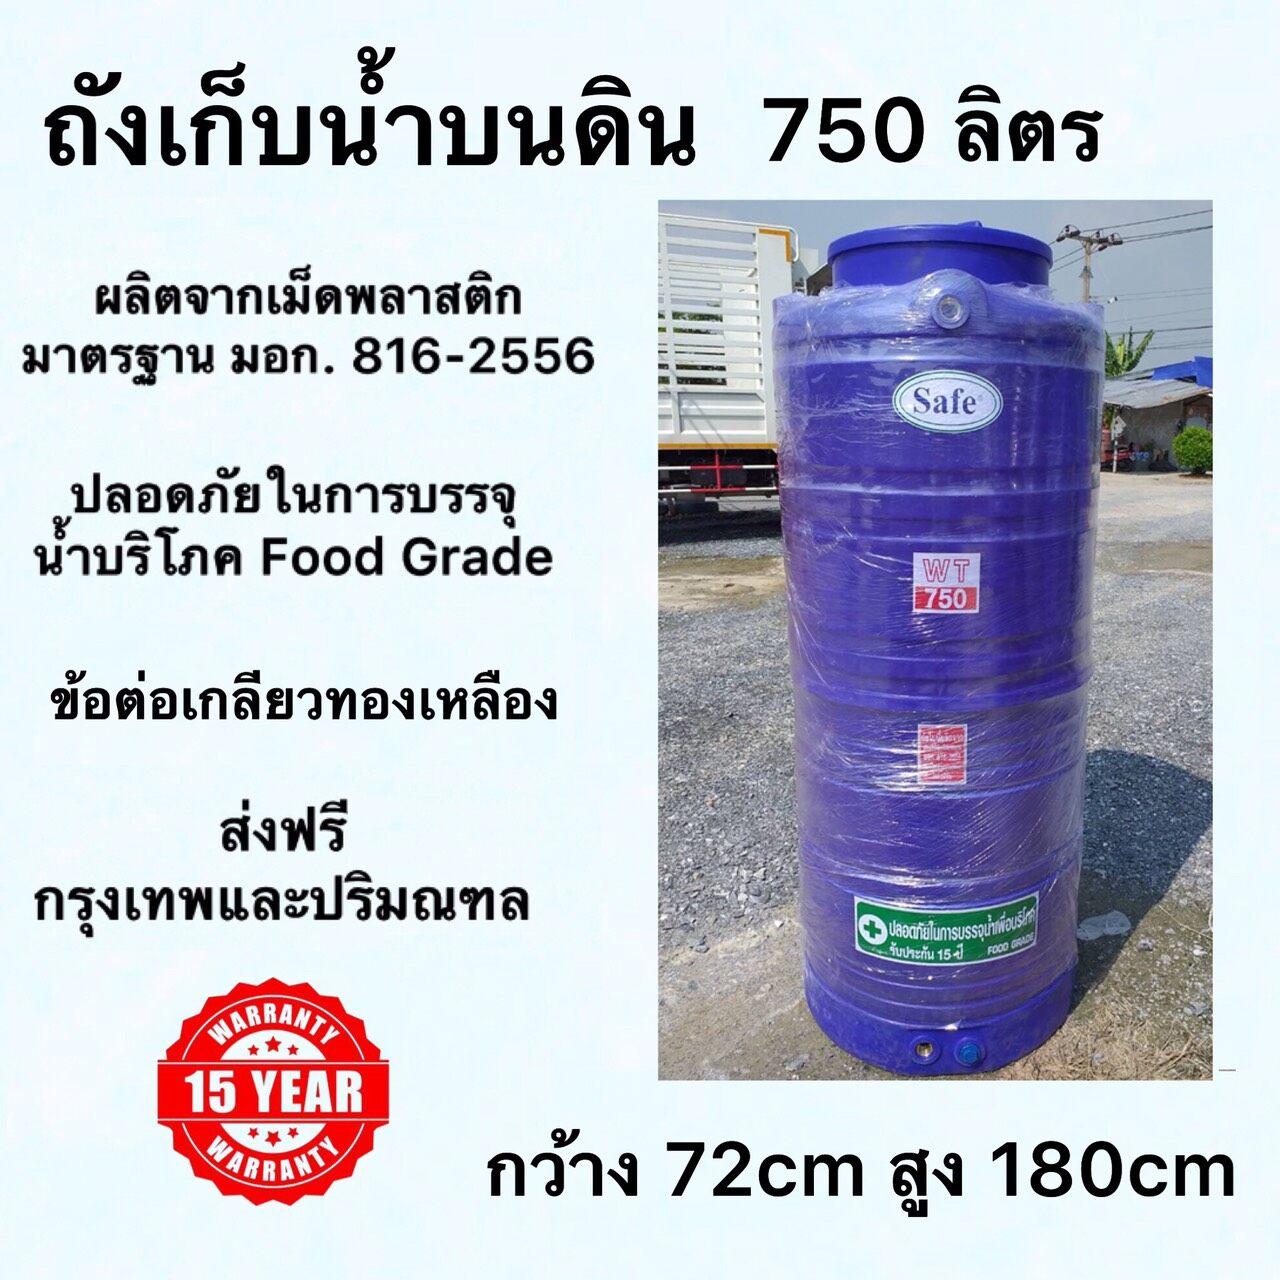 ถังเก็บน้ำ 750 ลิตร ถังเก็บน้ำบนดิน แท้งค์น้ำ ถังเก็บน้ำ แท้งค์น้ำ ส่งฟรีกรุงเทพและปริมณฑล